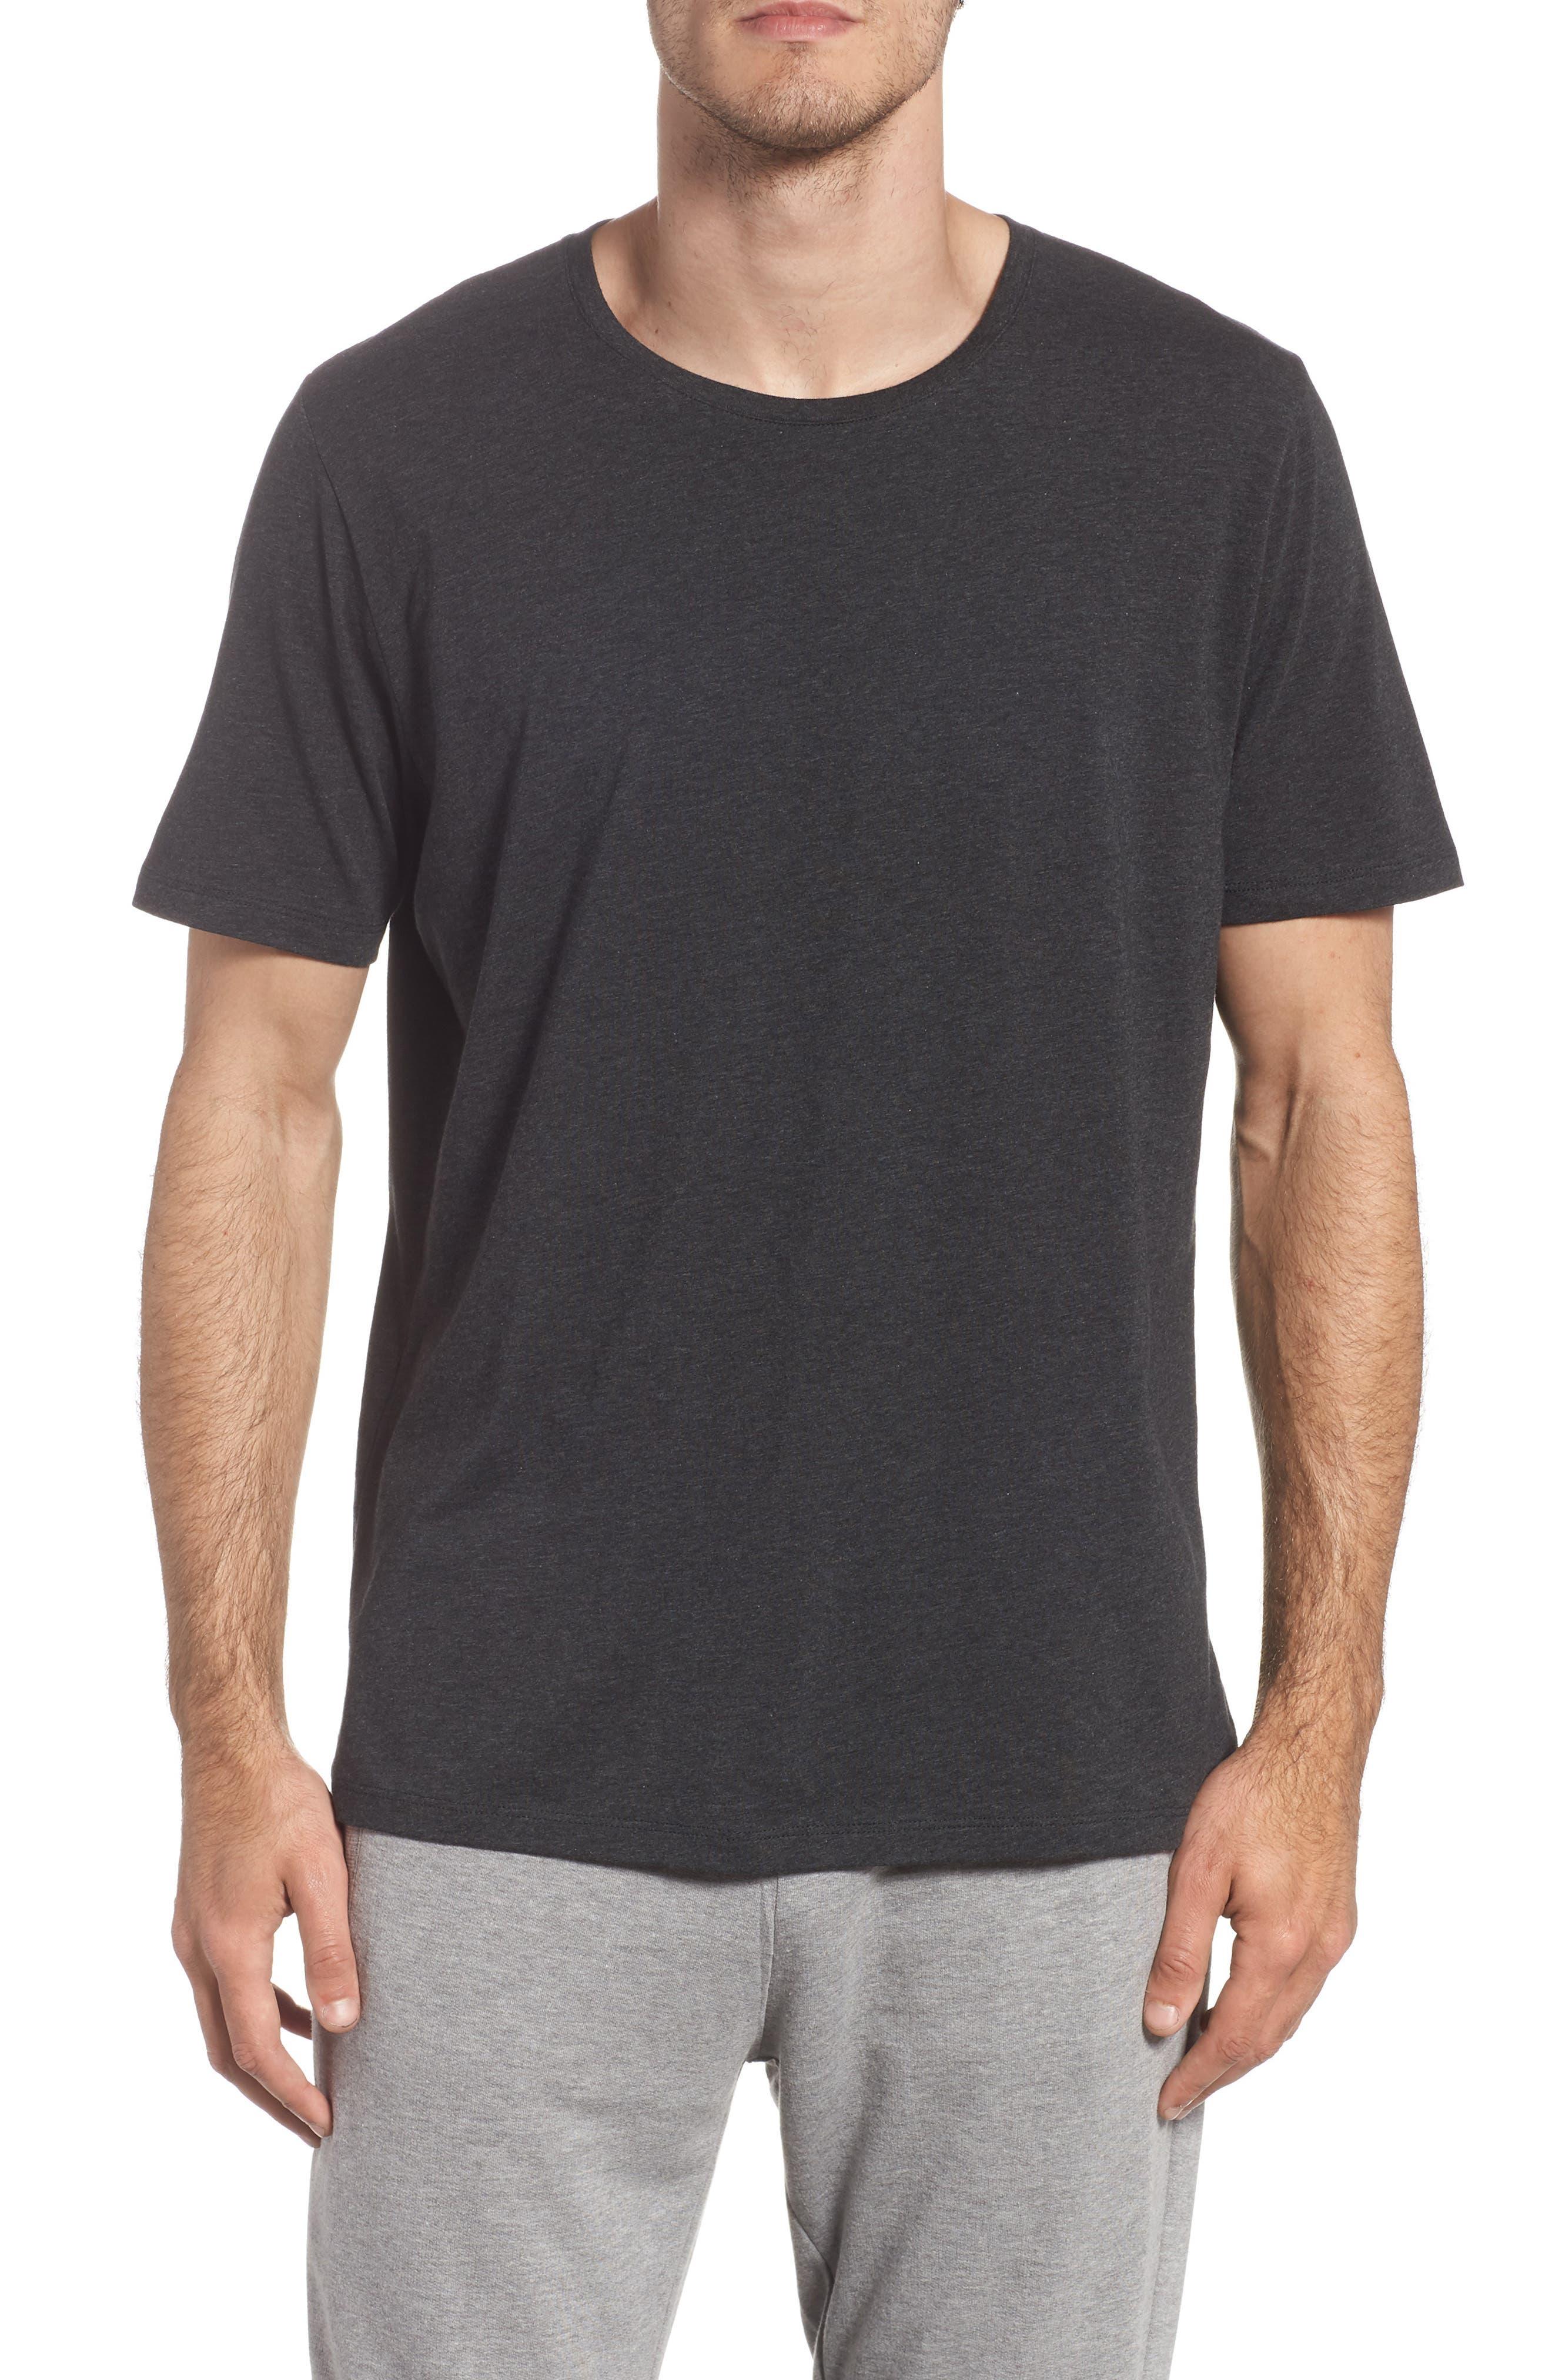 Cotton Blend Crewneck T-Shirt,                             Main thumbnail 1, color,                             HEATHER CHARCOAL